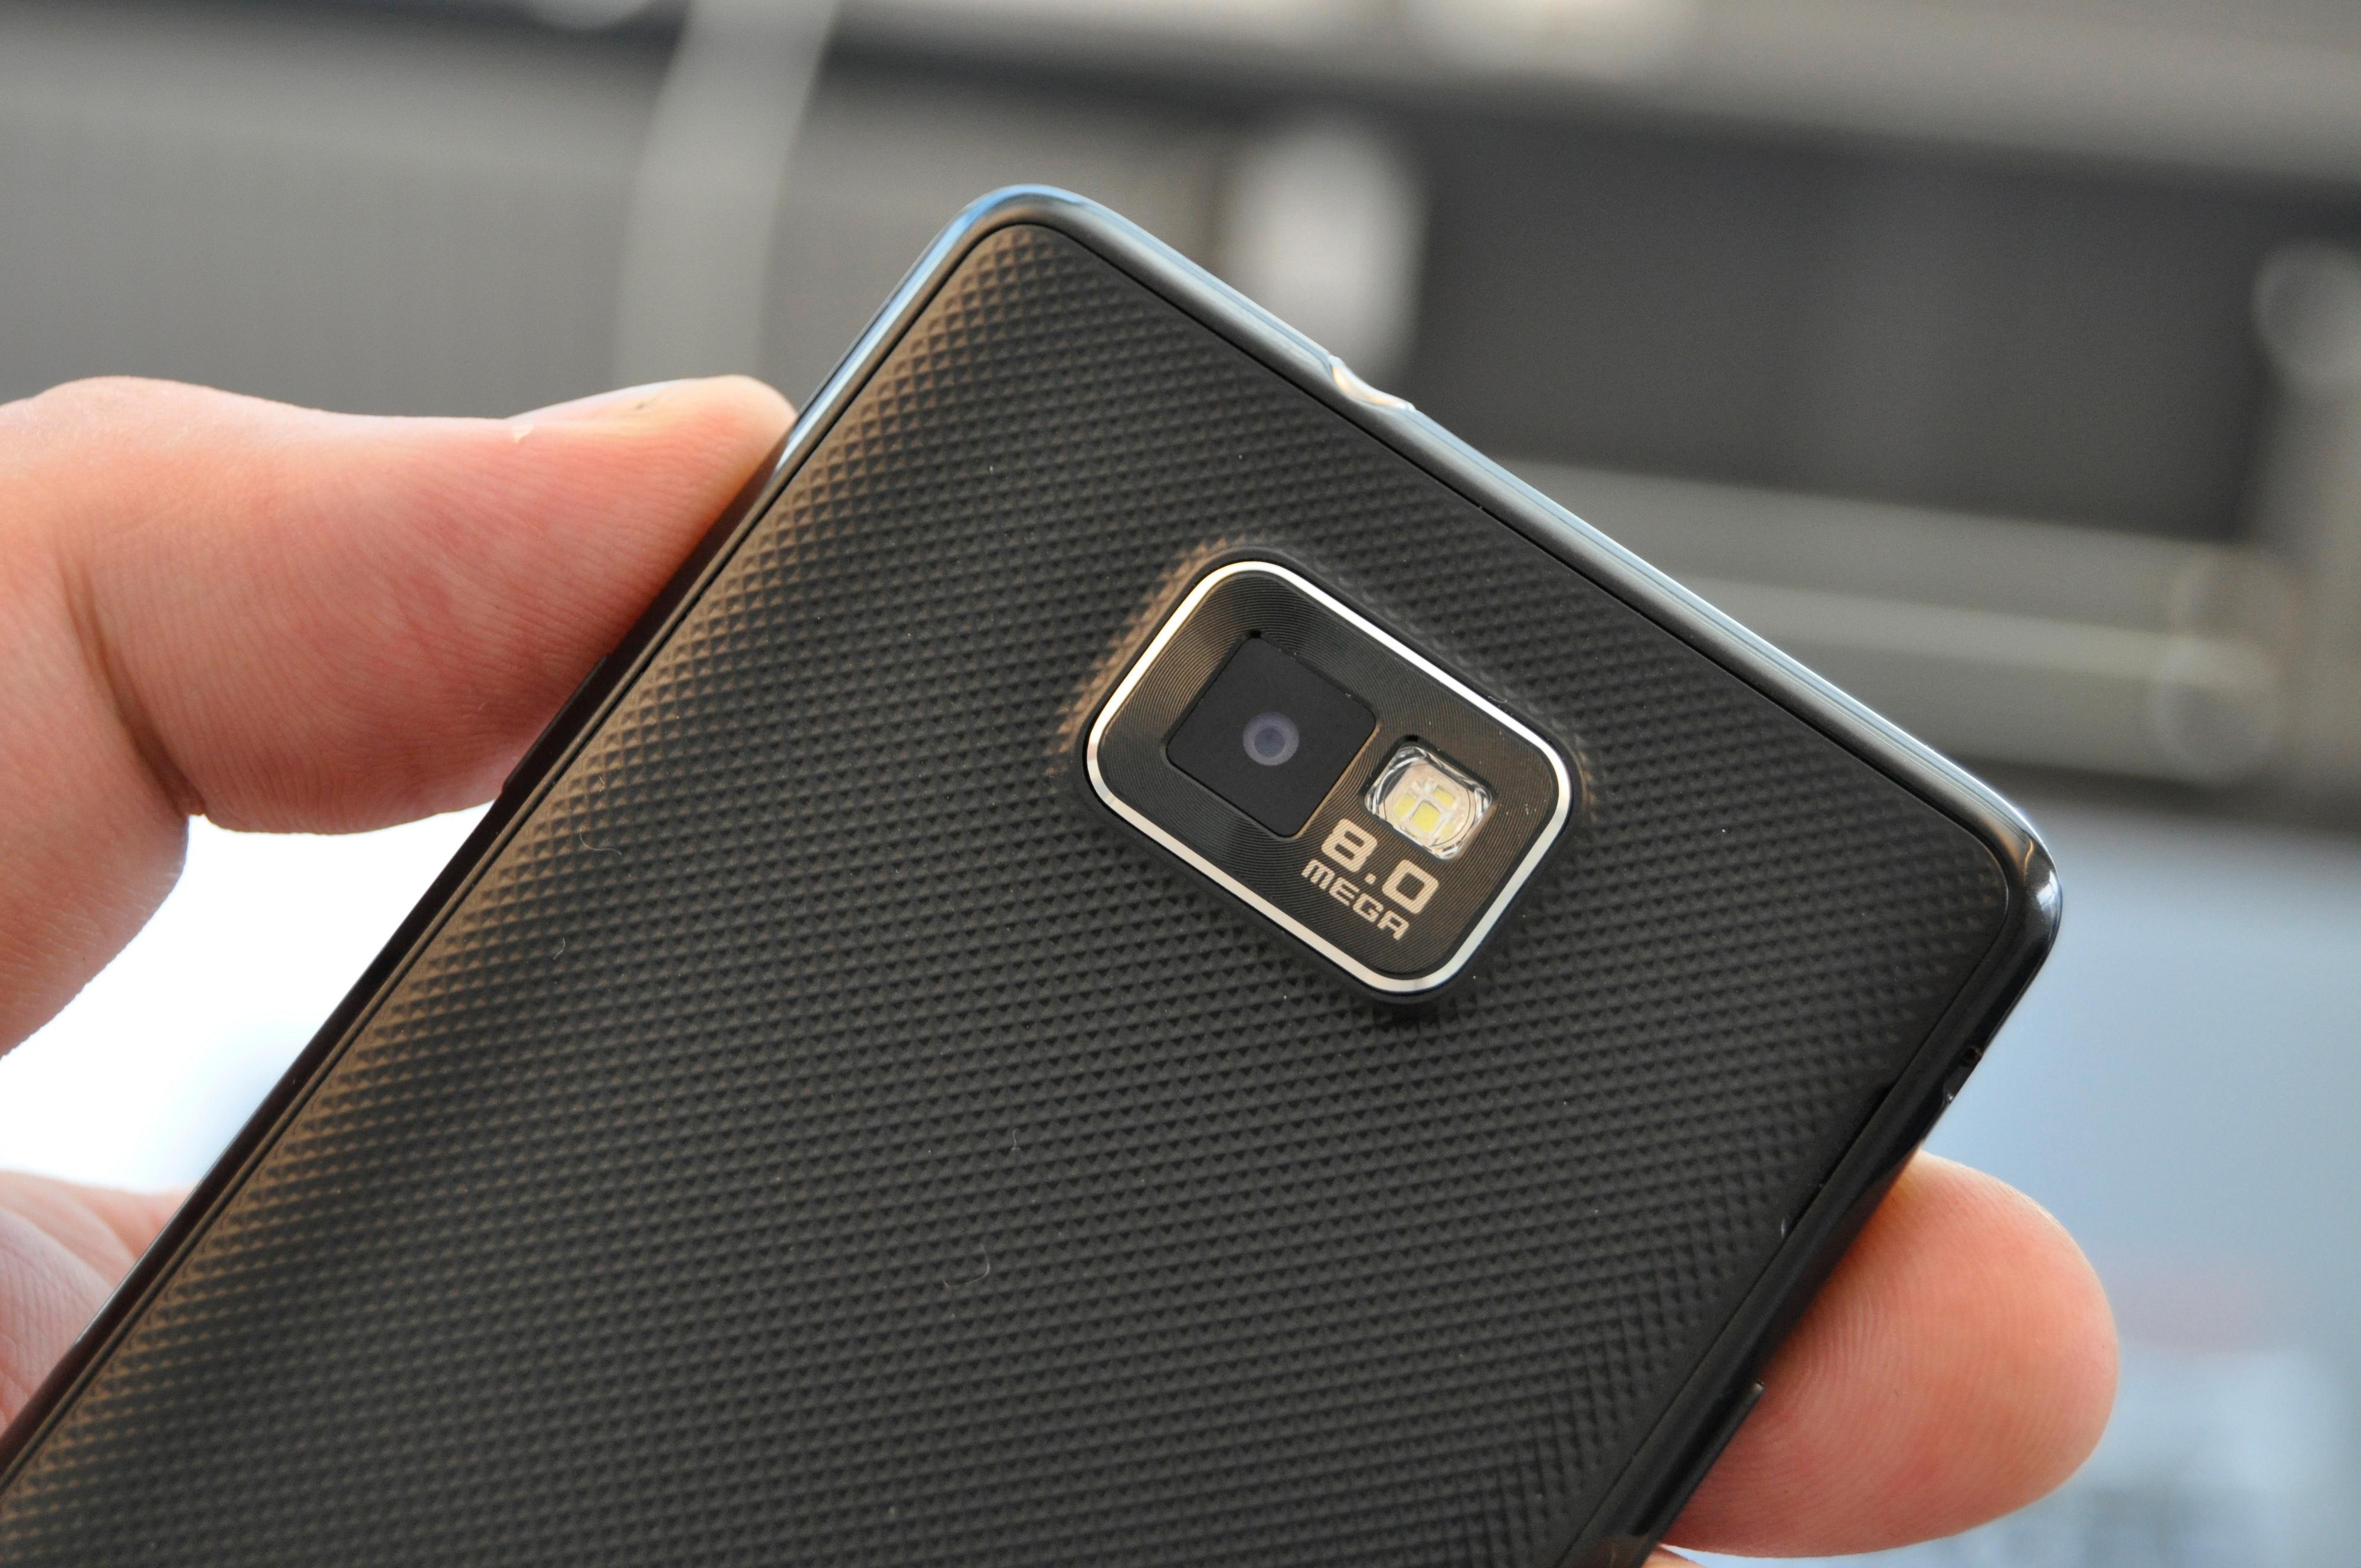 Galaxy S II bærer et kamera med åtte megapikslers oppløsning på ryggen. På grunn av den kraftige maskinvaren kan kameraet ta opp video i full HD-oppløsning.